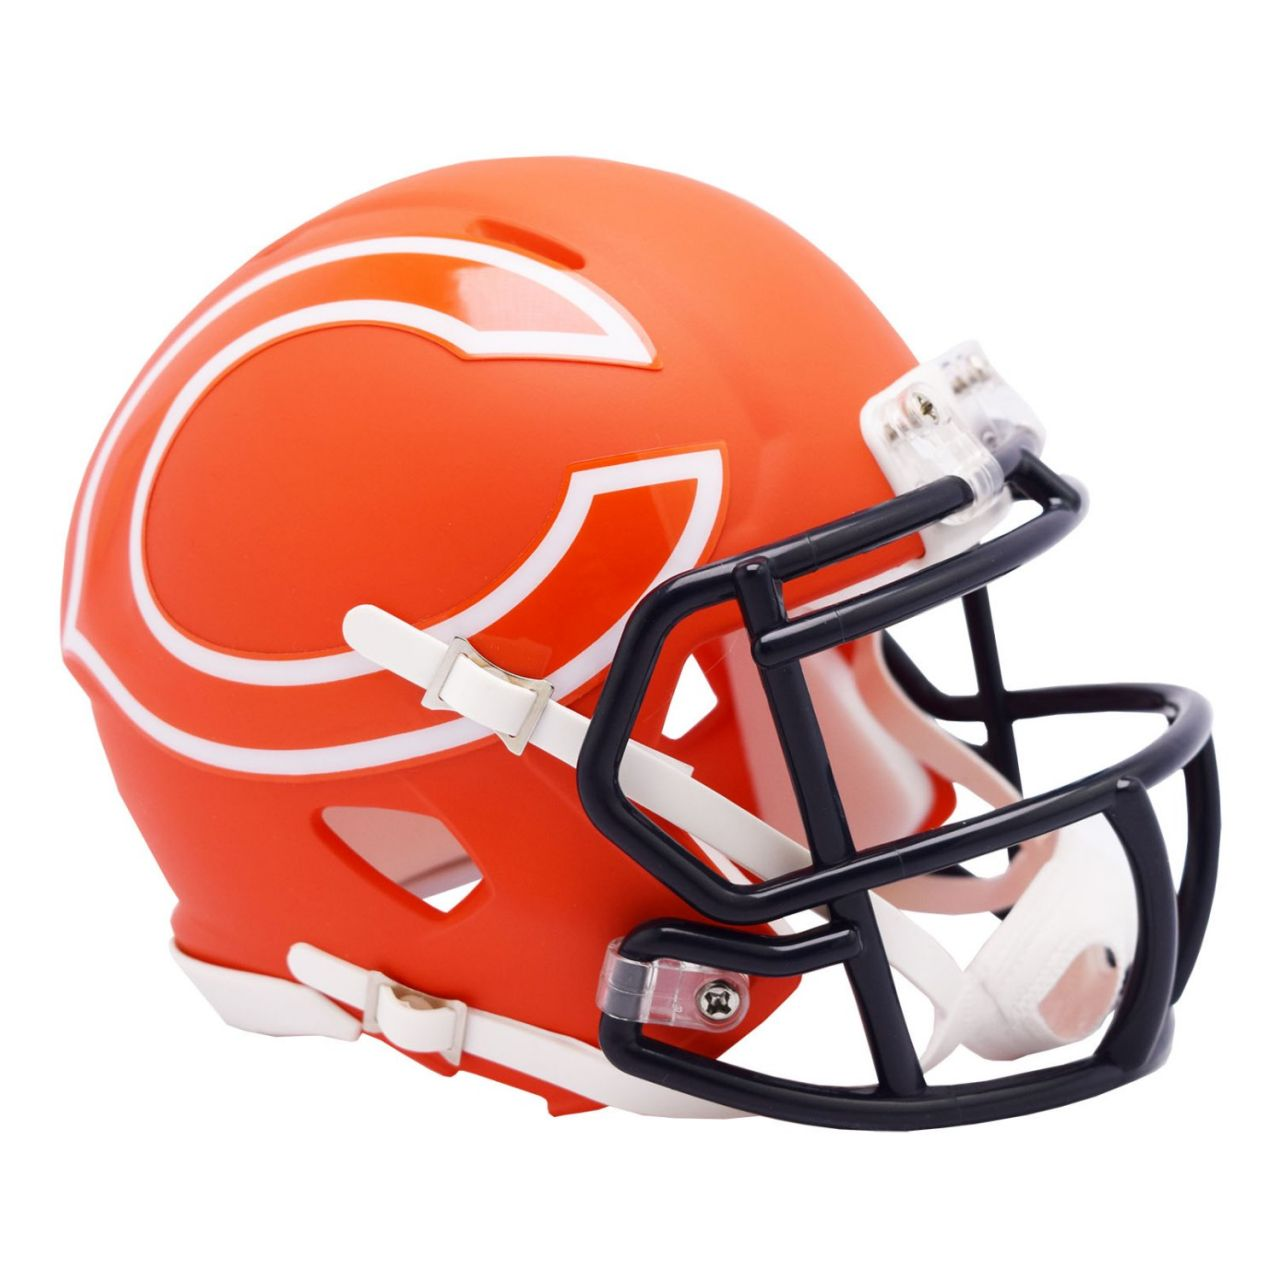 amfoo - Riddell Speed Mini Football Helm - NFL AMP Chicago Bears